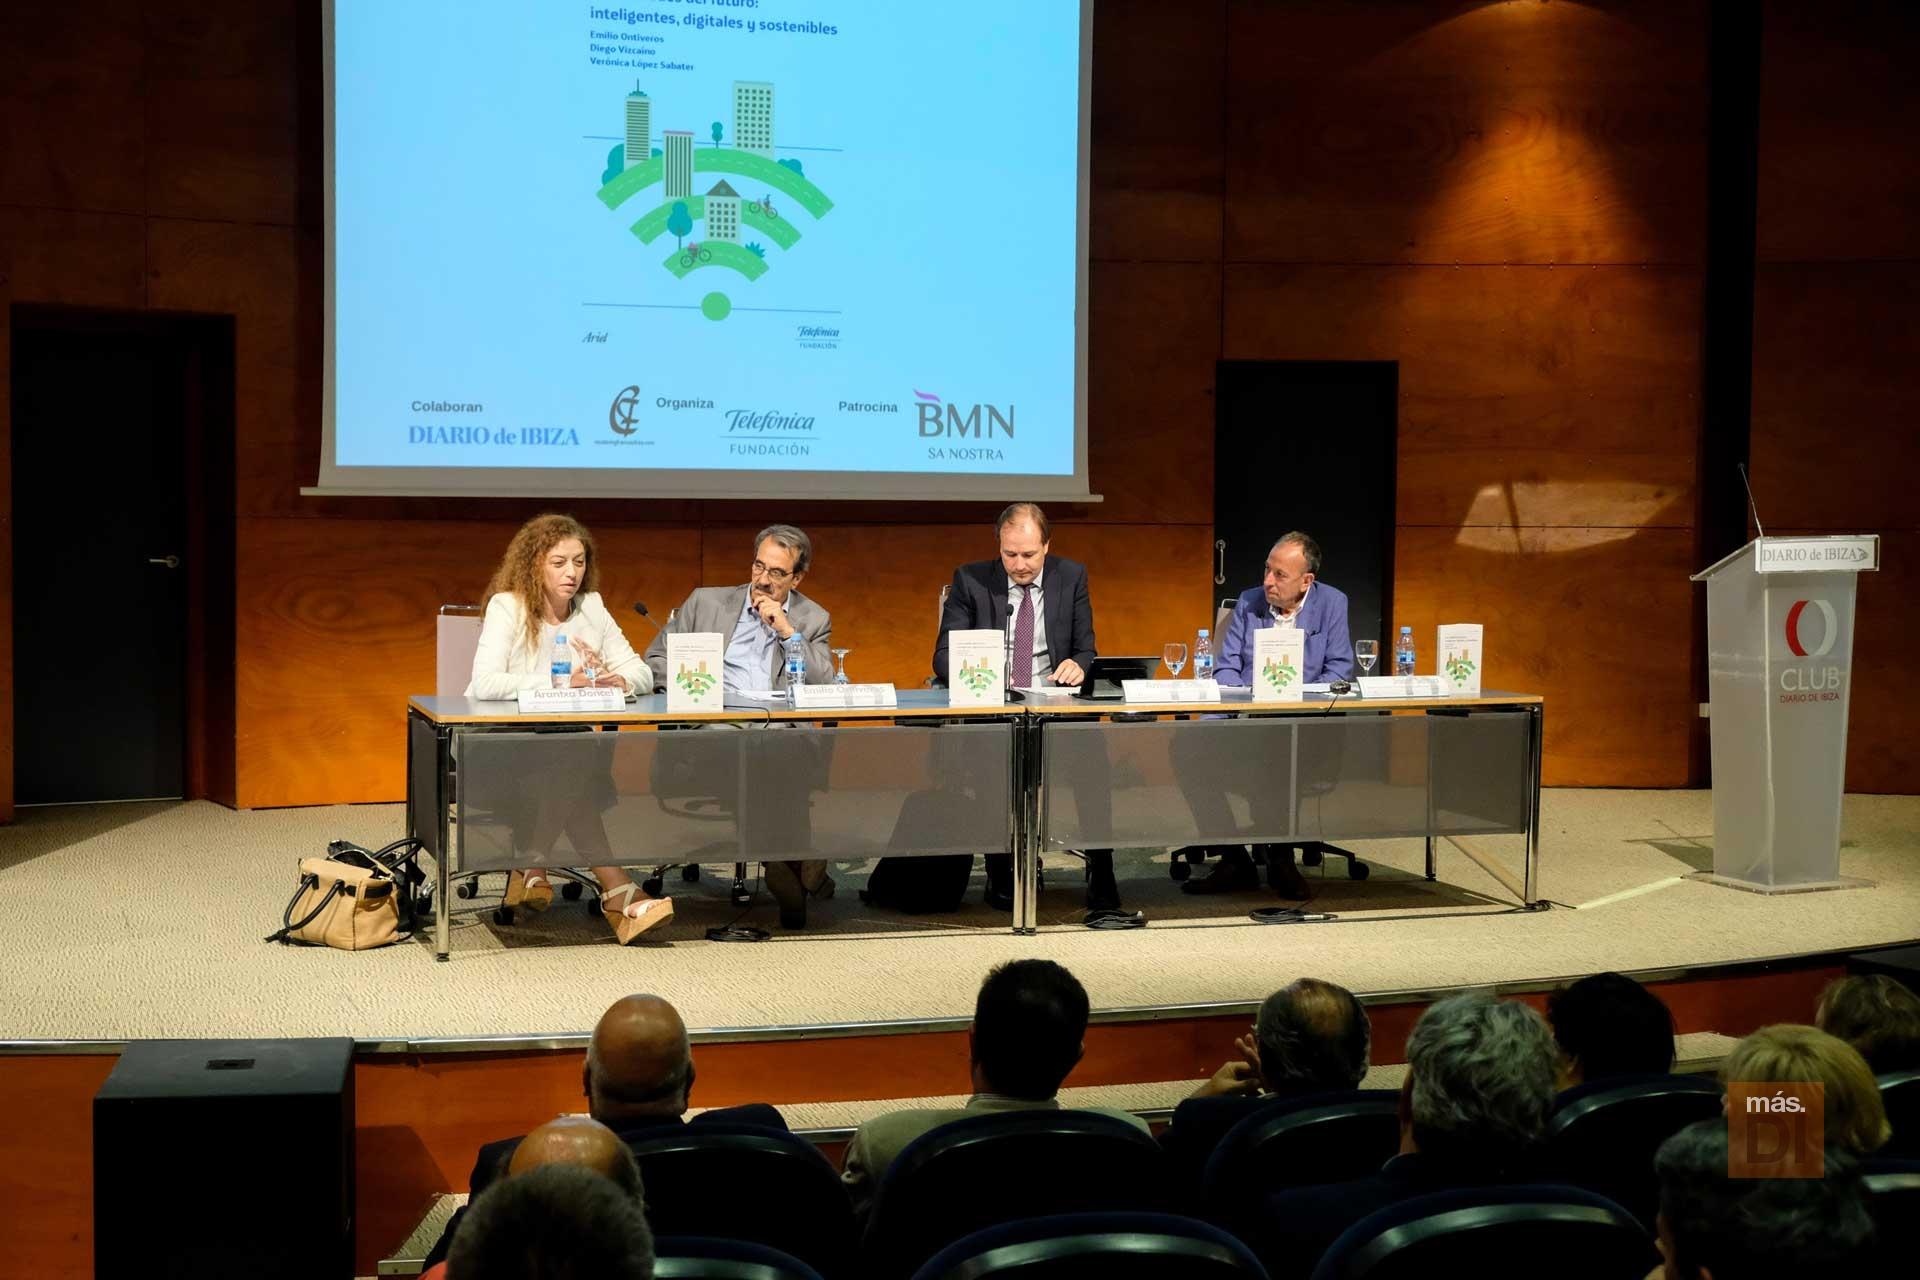 Las ciudades inteligentes abren el primer BusinessDIbiza